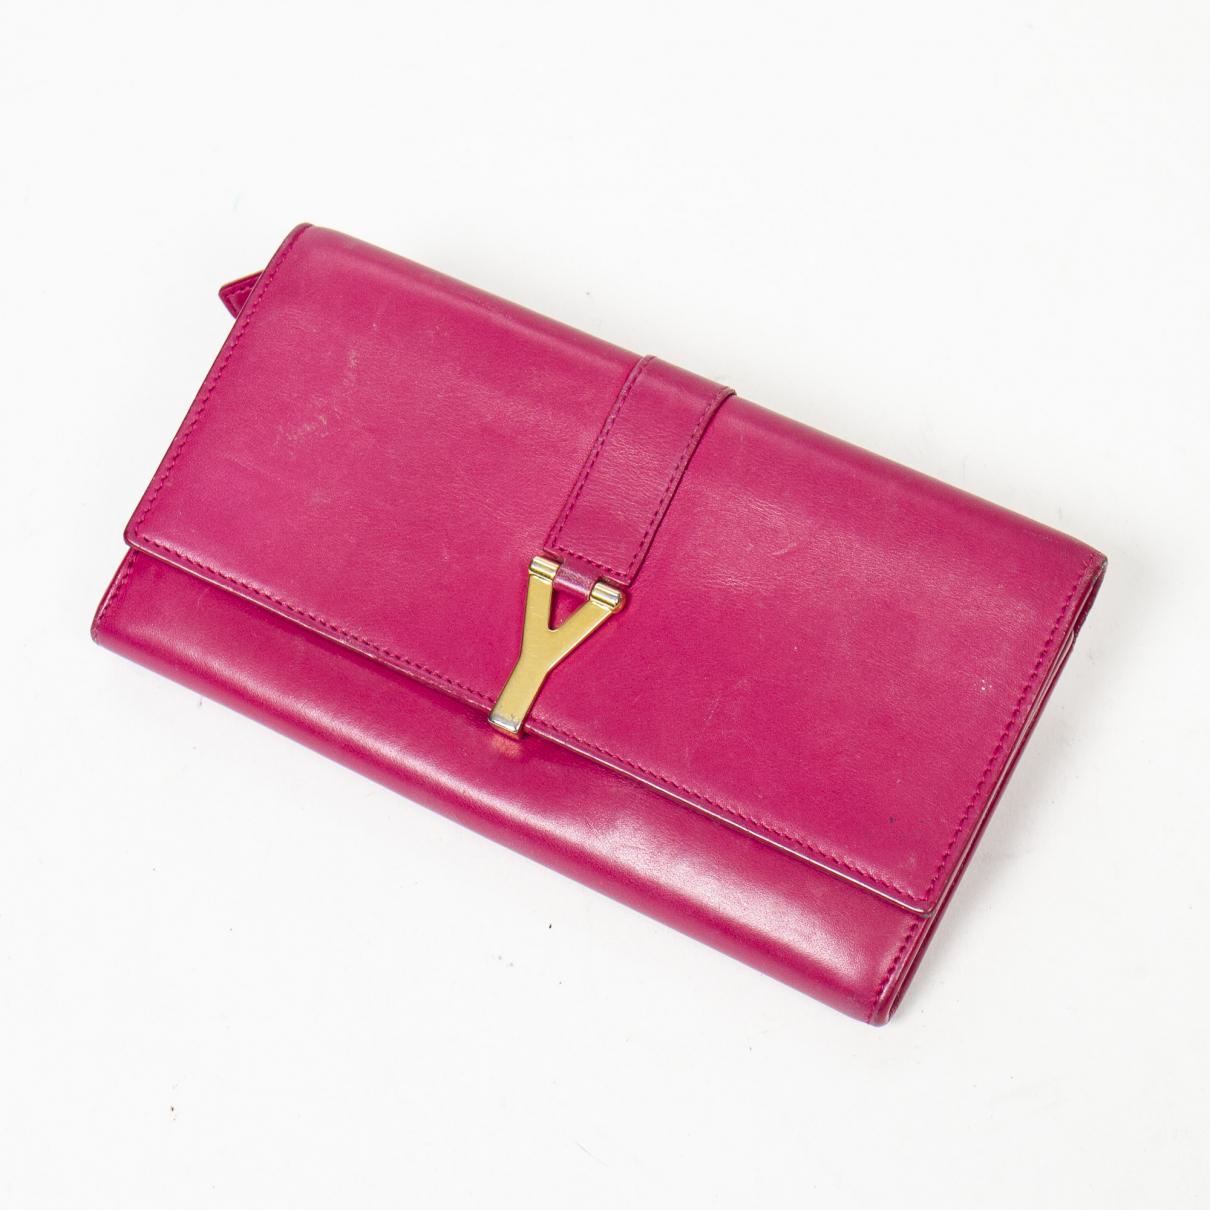 Yves Saint Laurent \N Portemonnaie in  Rosa Leder